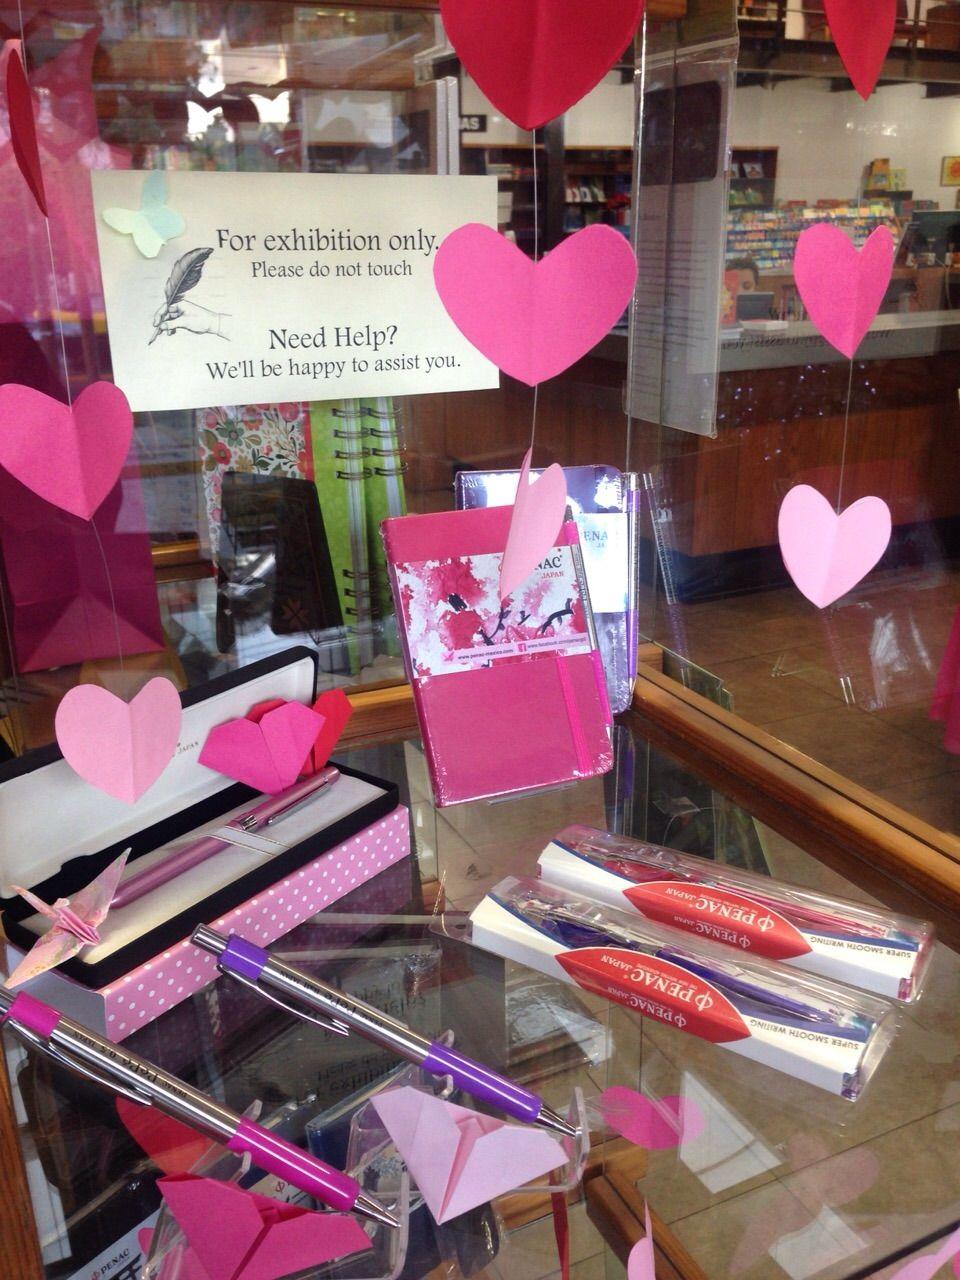 Decoraci n sandi bookstore d a del amor y la amistad for Decoracion amor y amistad